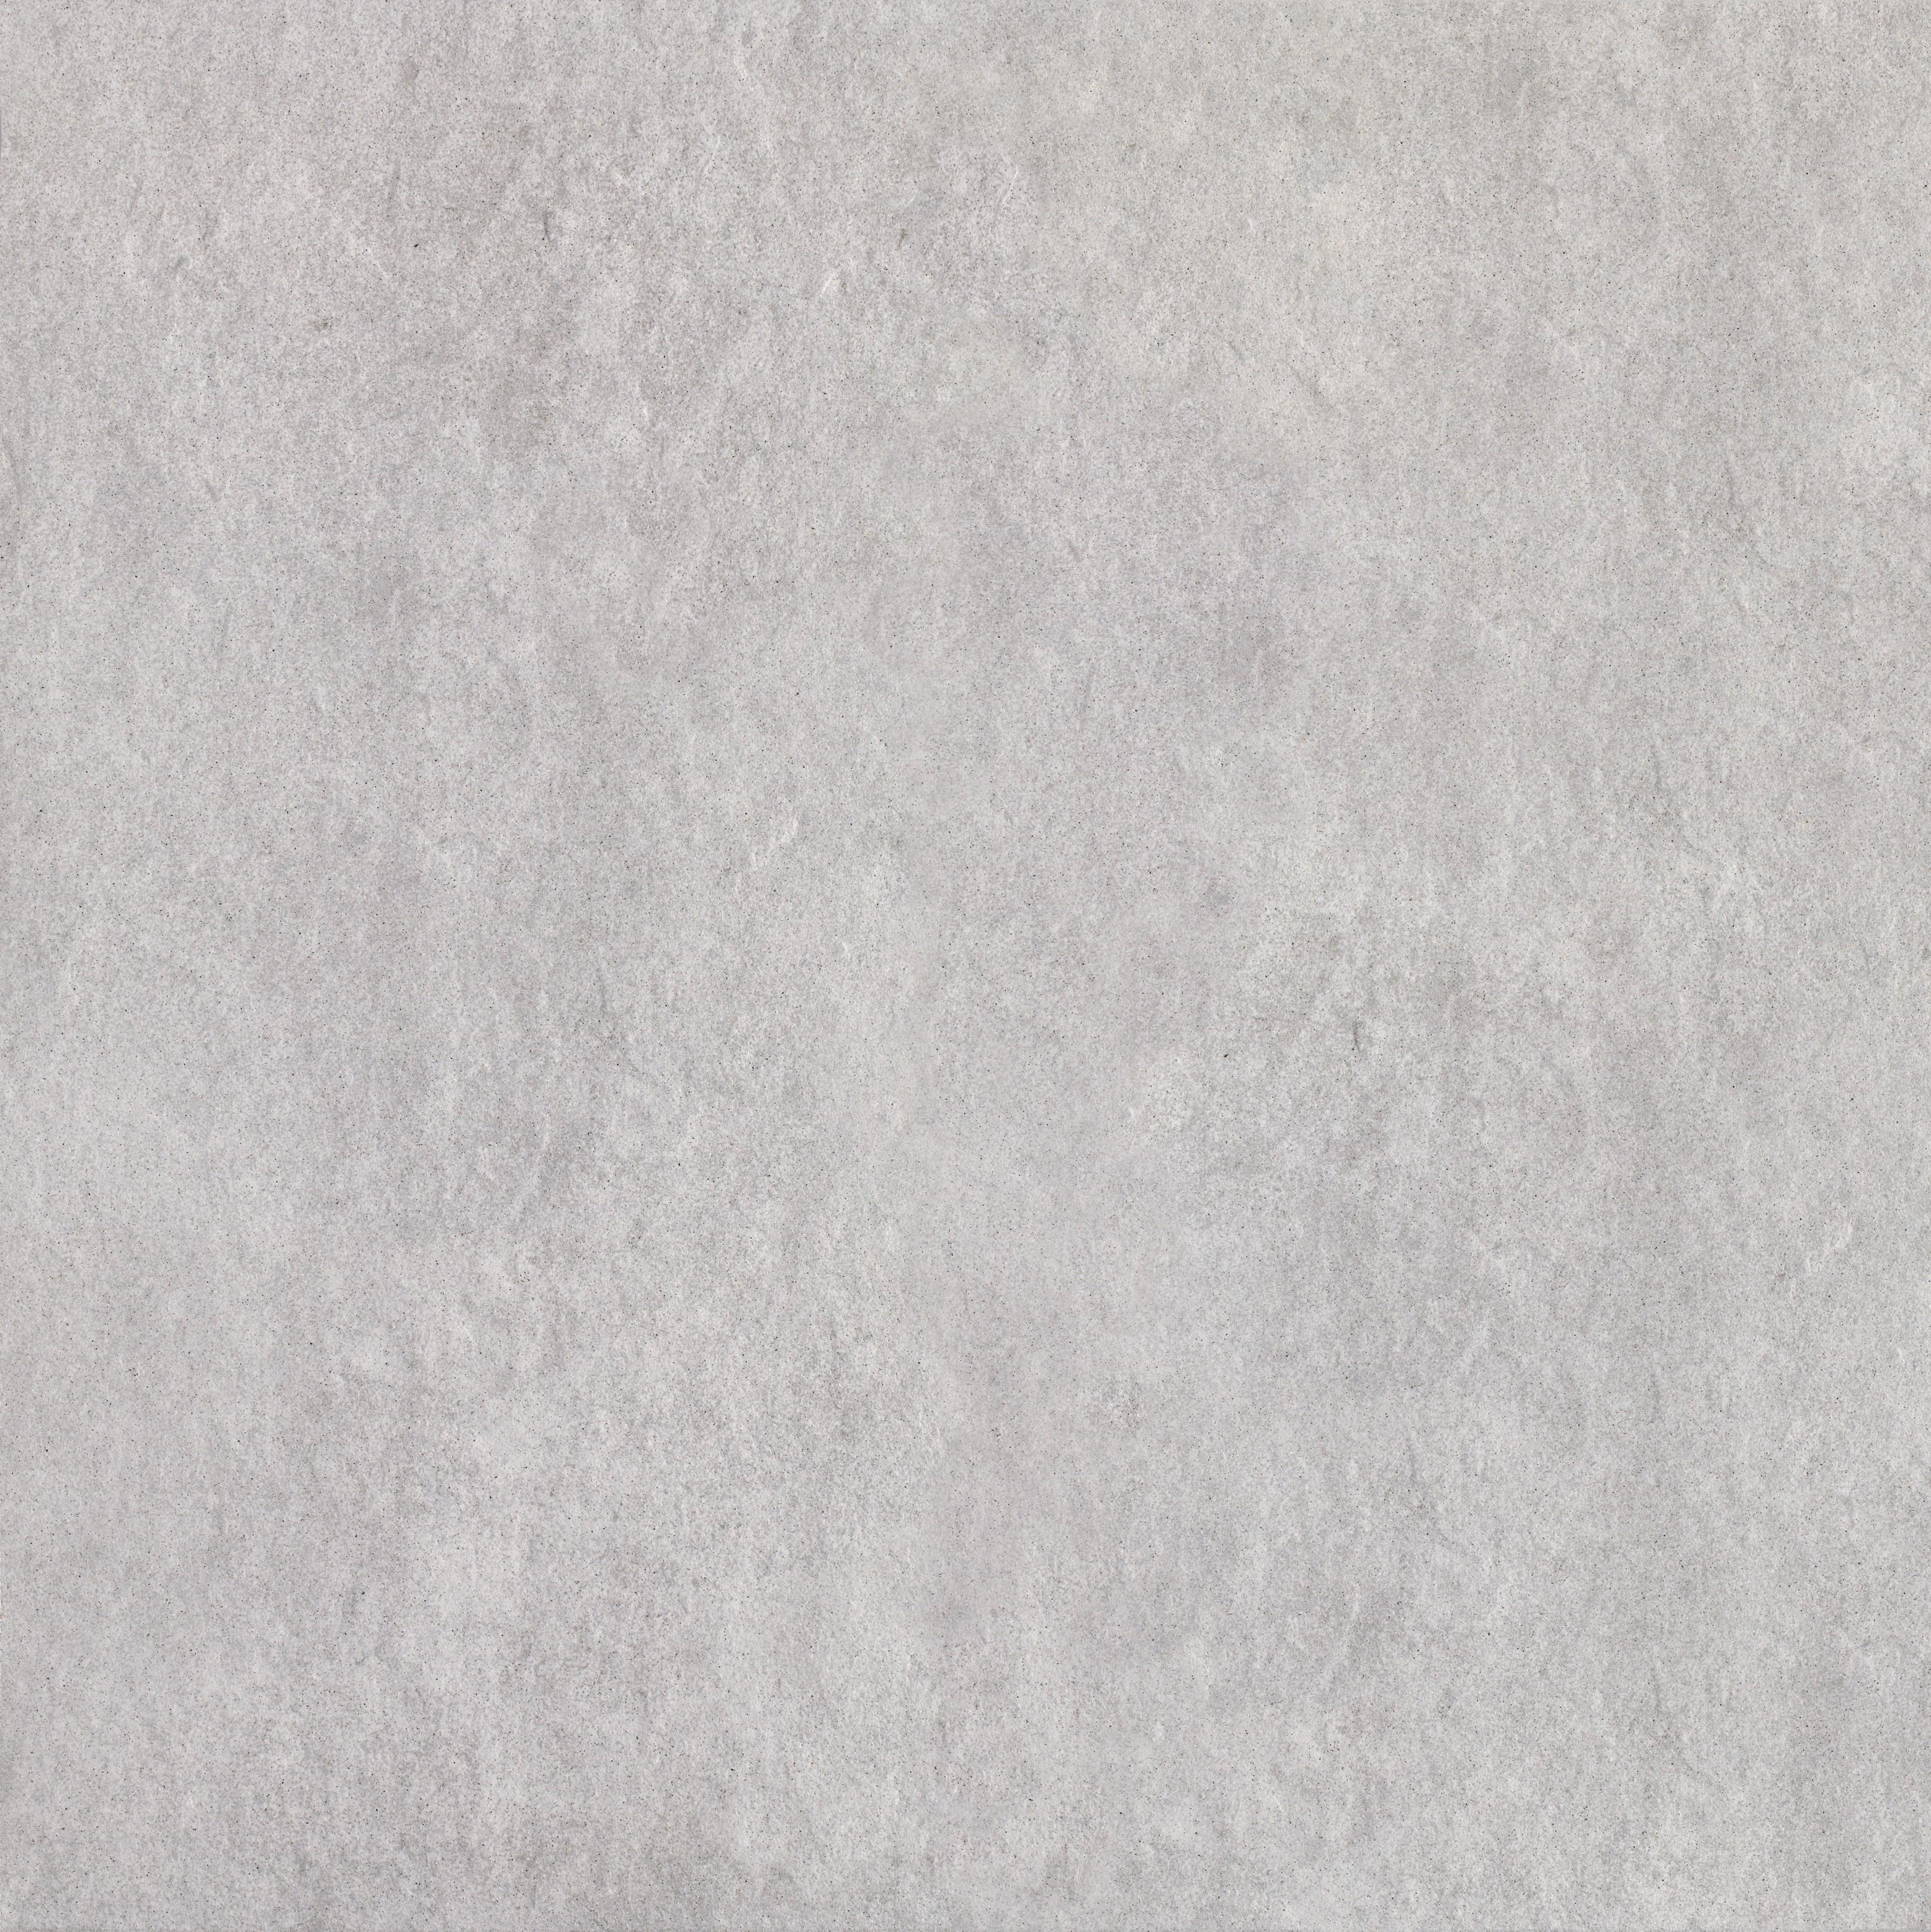 Paradyz Kwadro Naturo Grey Gres Szkliwiony Mat 60x60 Gat 1 5904584144271 Plytki Plytki Lazienkowe Plytki Ceramiczne Sklep Internetowy Eplytki Pl